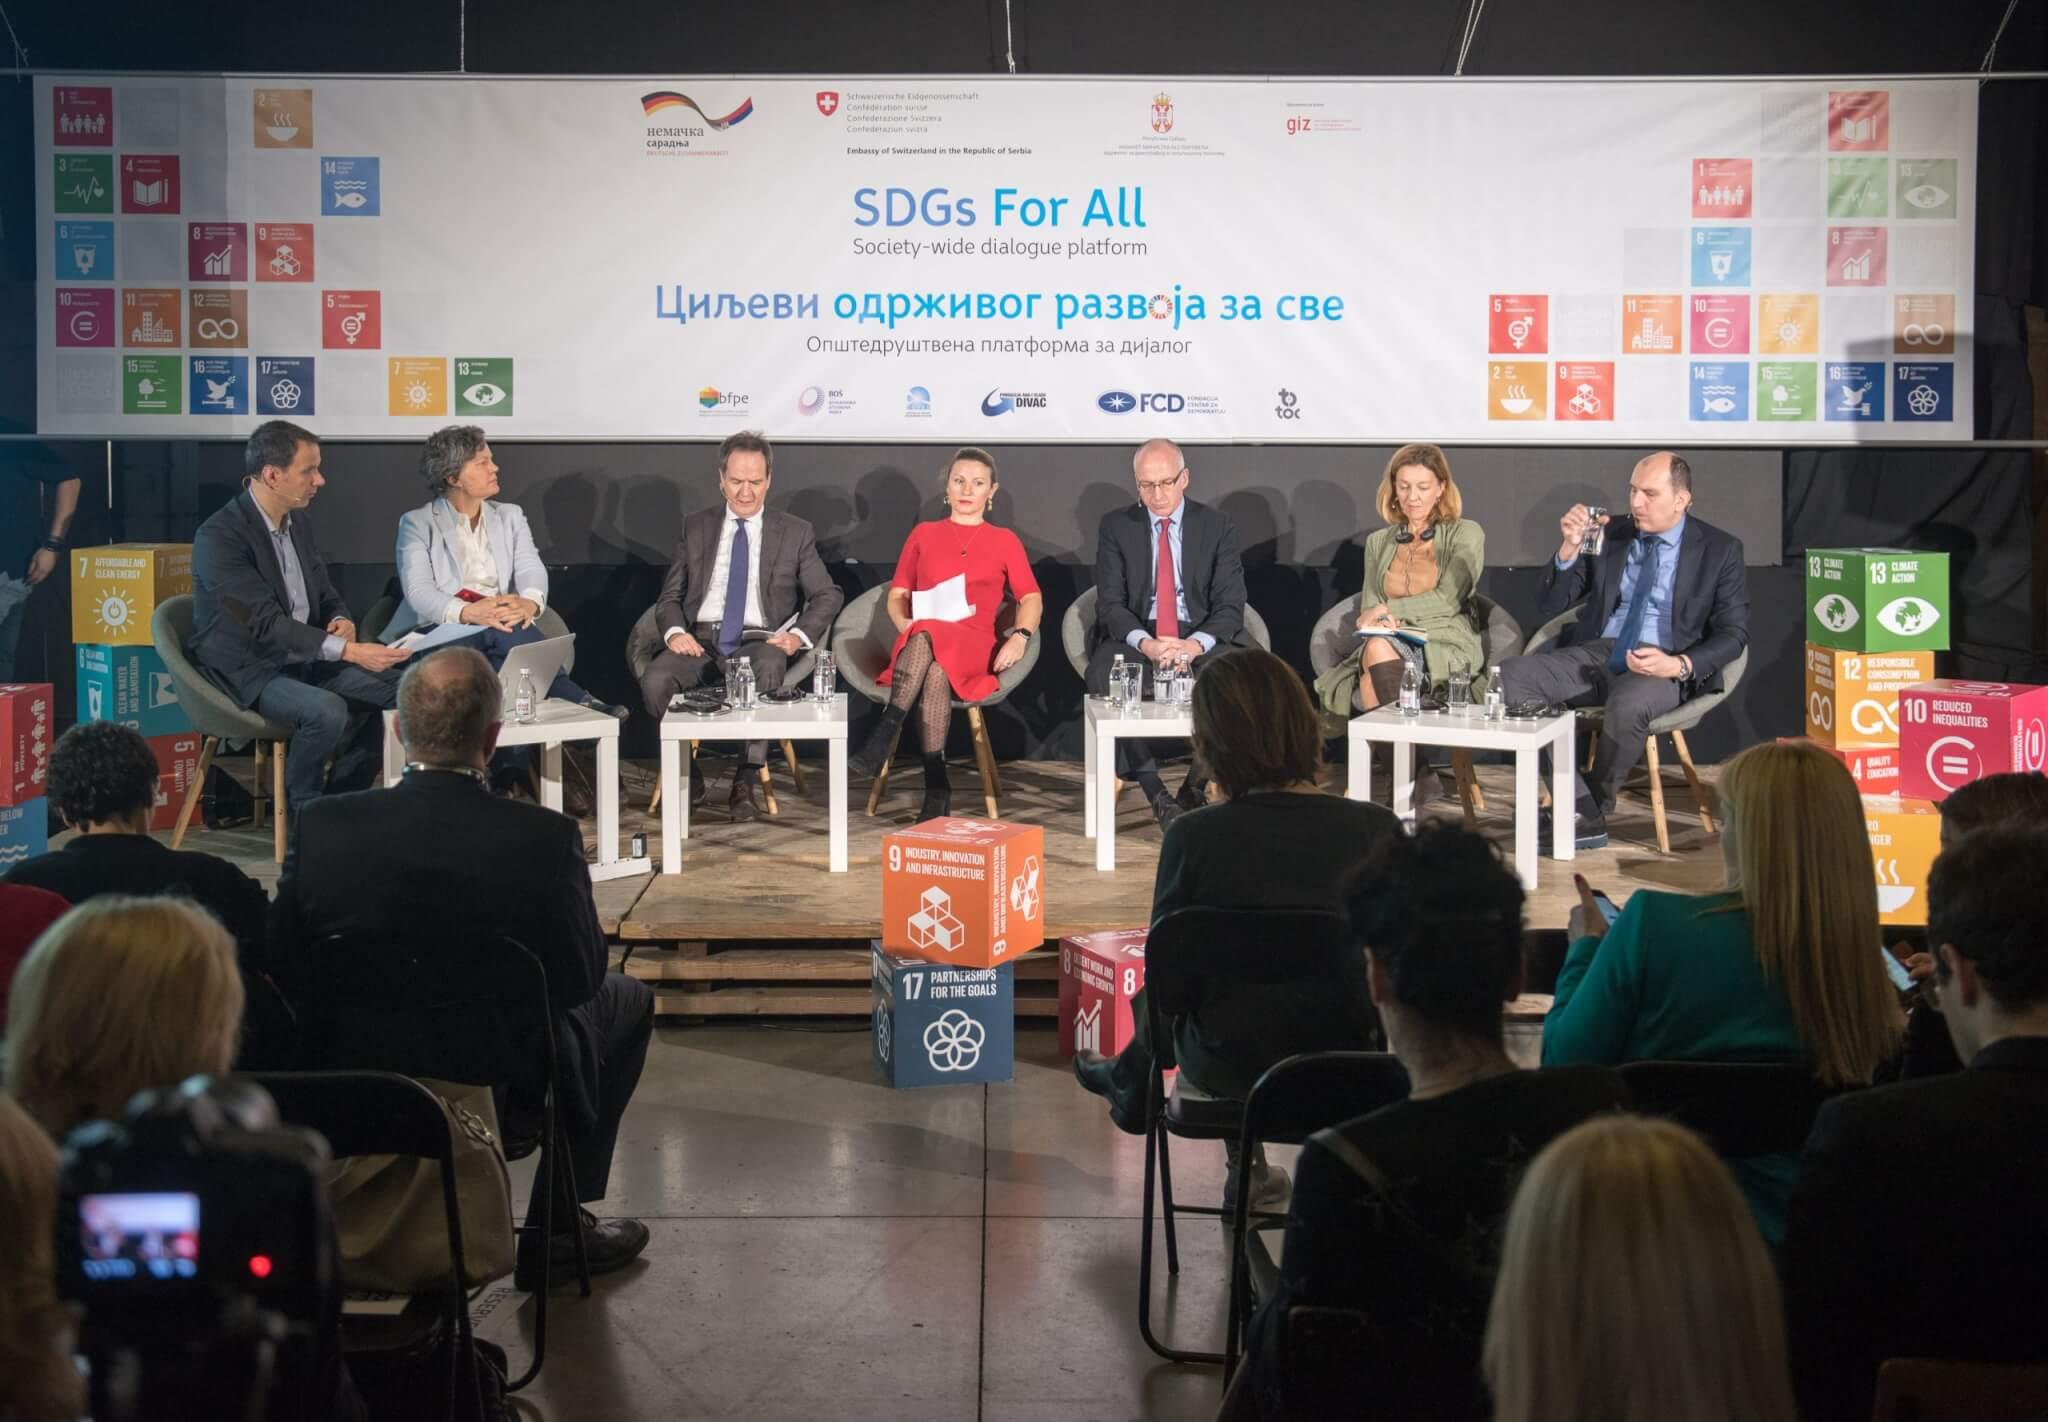 Циљеви одрживог развоја за све